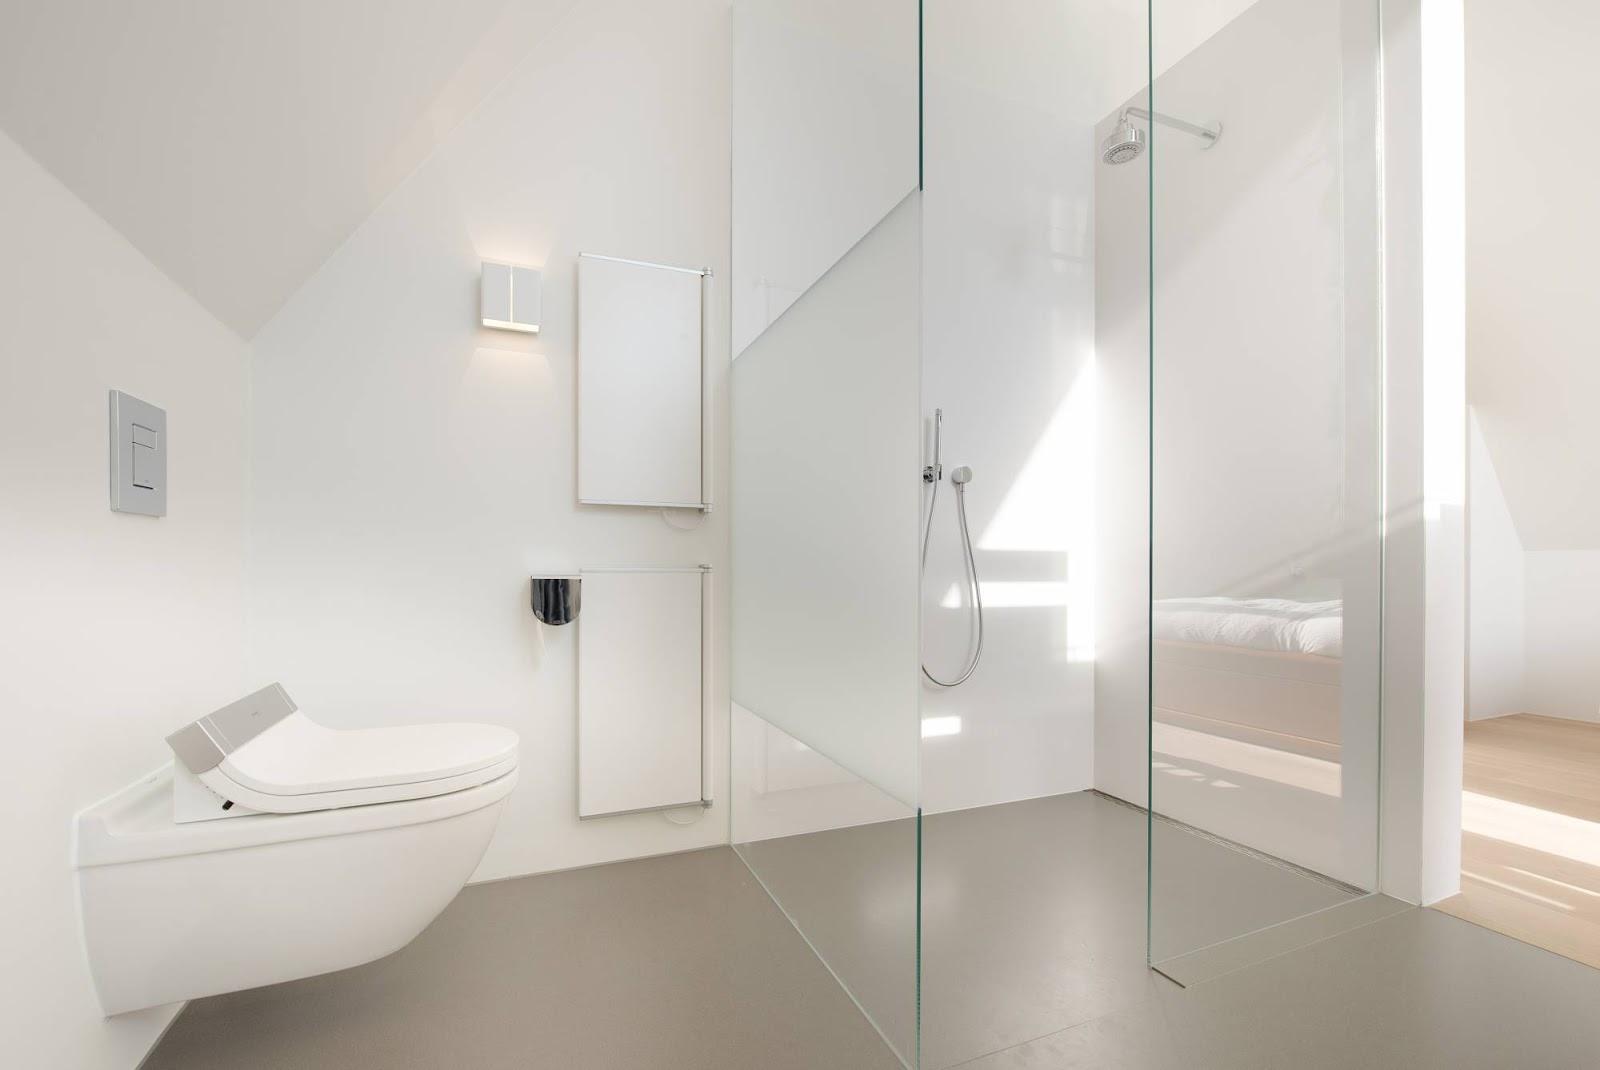 Philip badkamer design waarom ik een wandpaneel van composiet in de badkamer adviseer - Een mooie badkamer ...